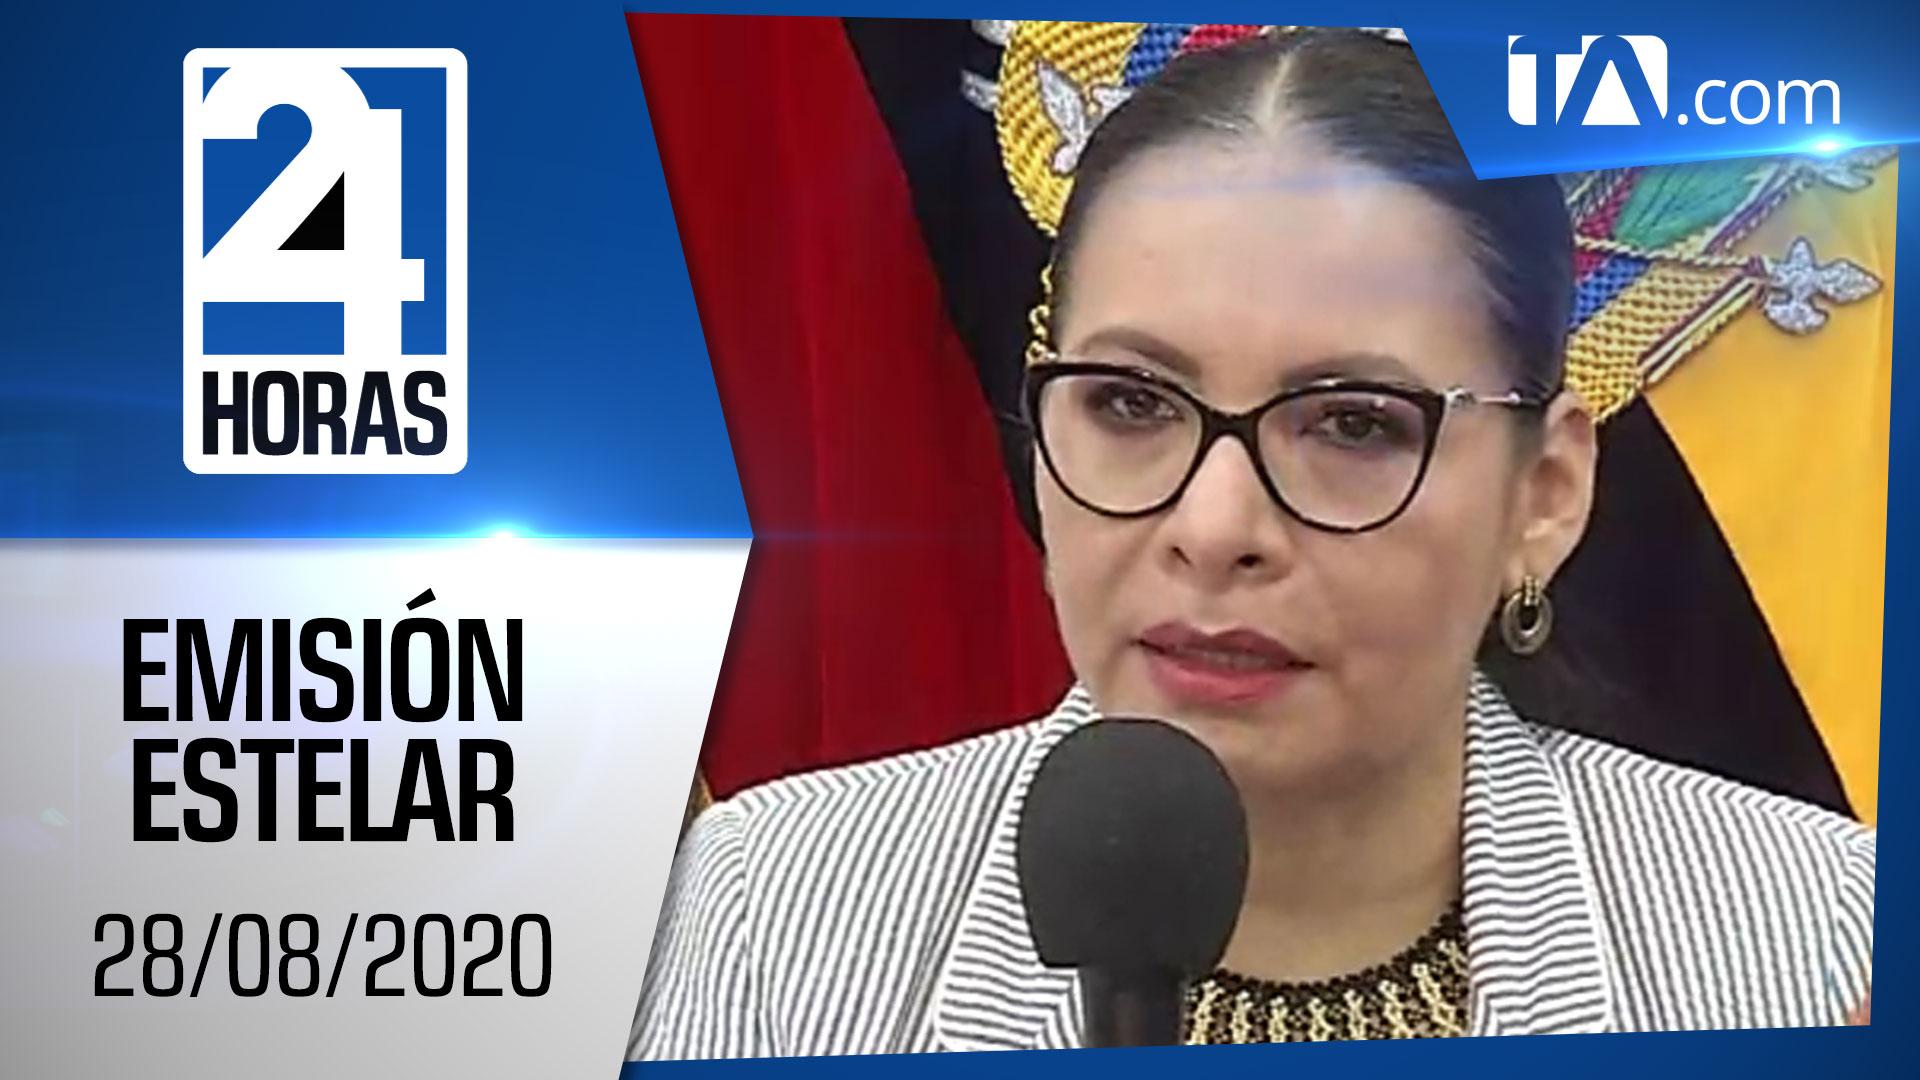 Noticias Ecuador: Noticiero 24 Horas, 28/08/2020 (Emisión Estelar)